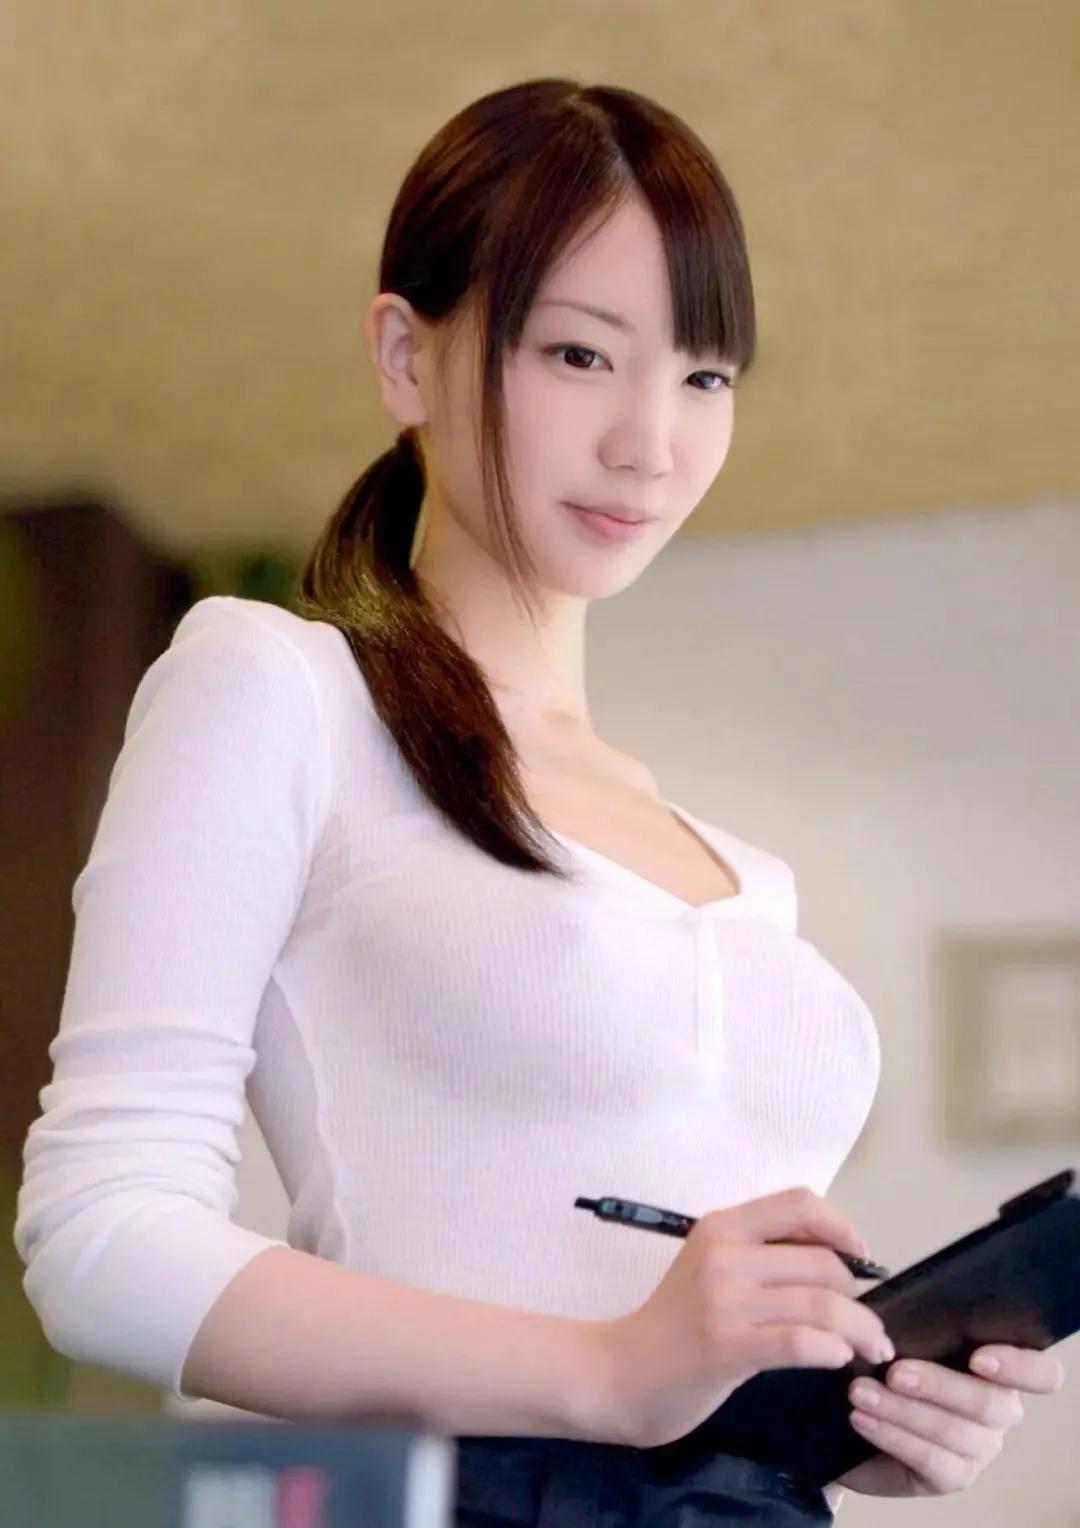 日本女优专题:《揭秘100名女优背后的故事》第12期:铃木心春